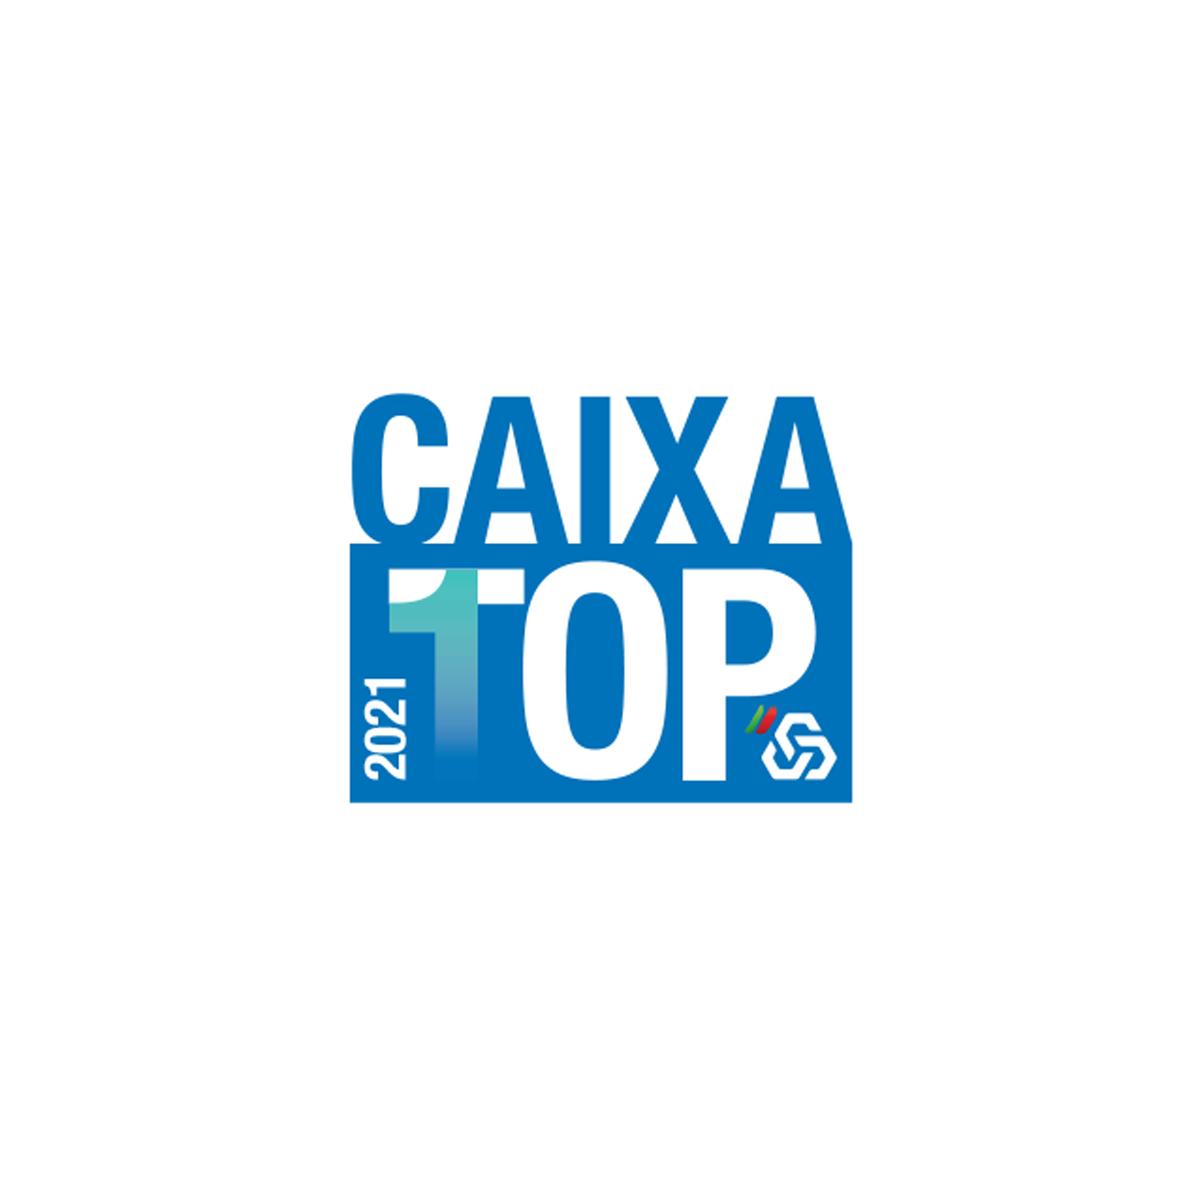 <b>Empresa Caixa Top</b> 2021